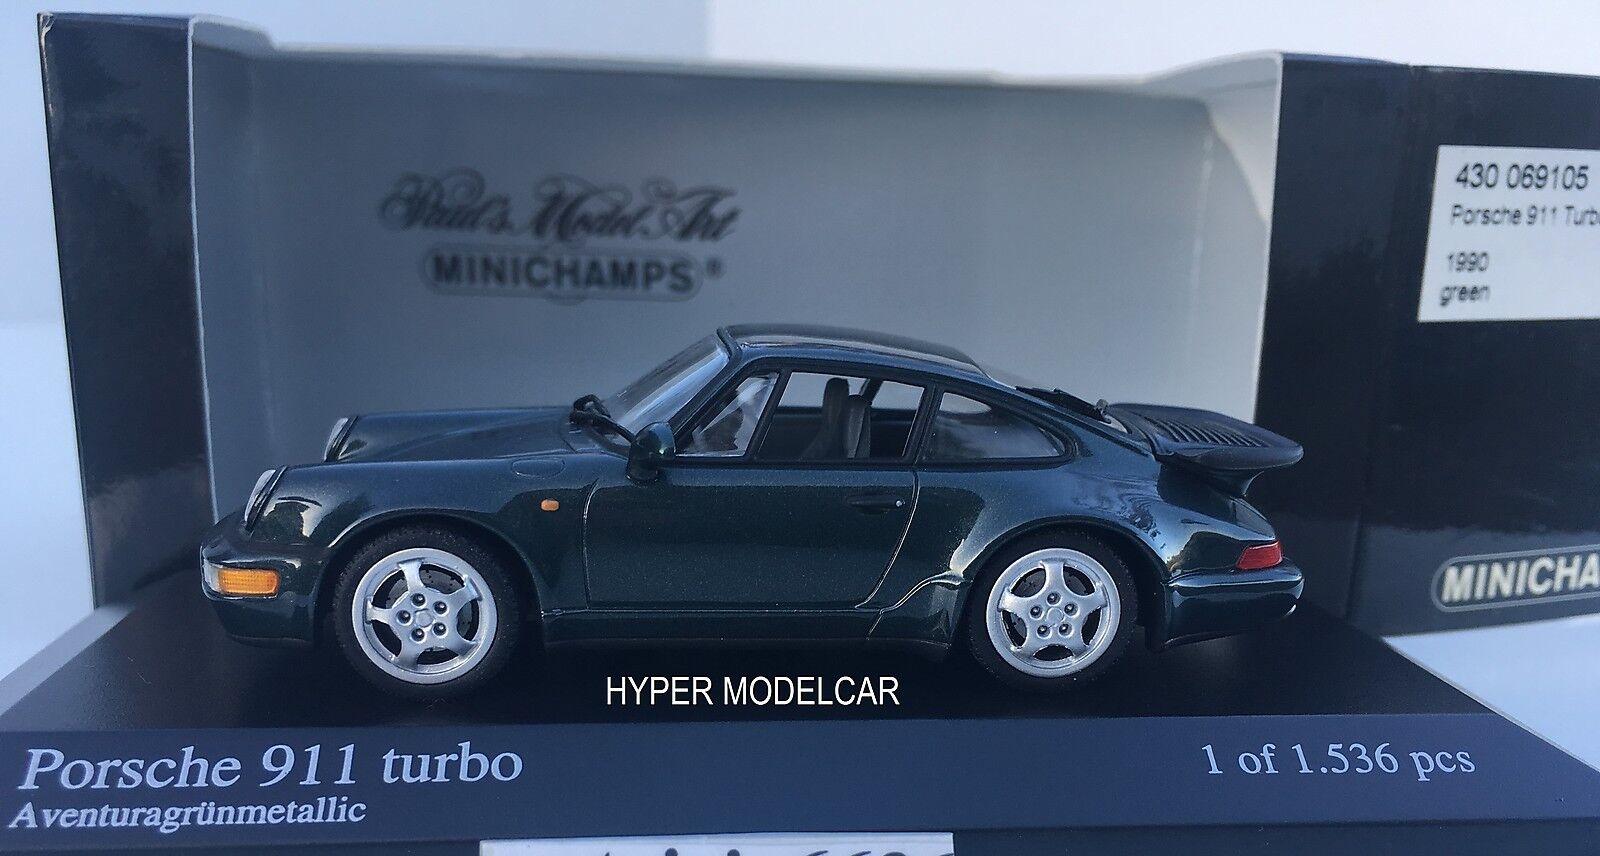 Minichamps 1 43 Porsche 911 Turbo (964) 1990 Grün Met. Art.430069105